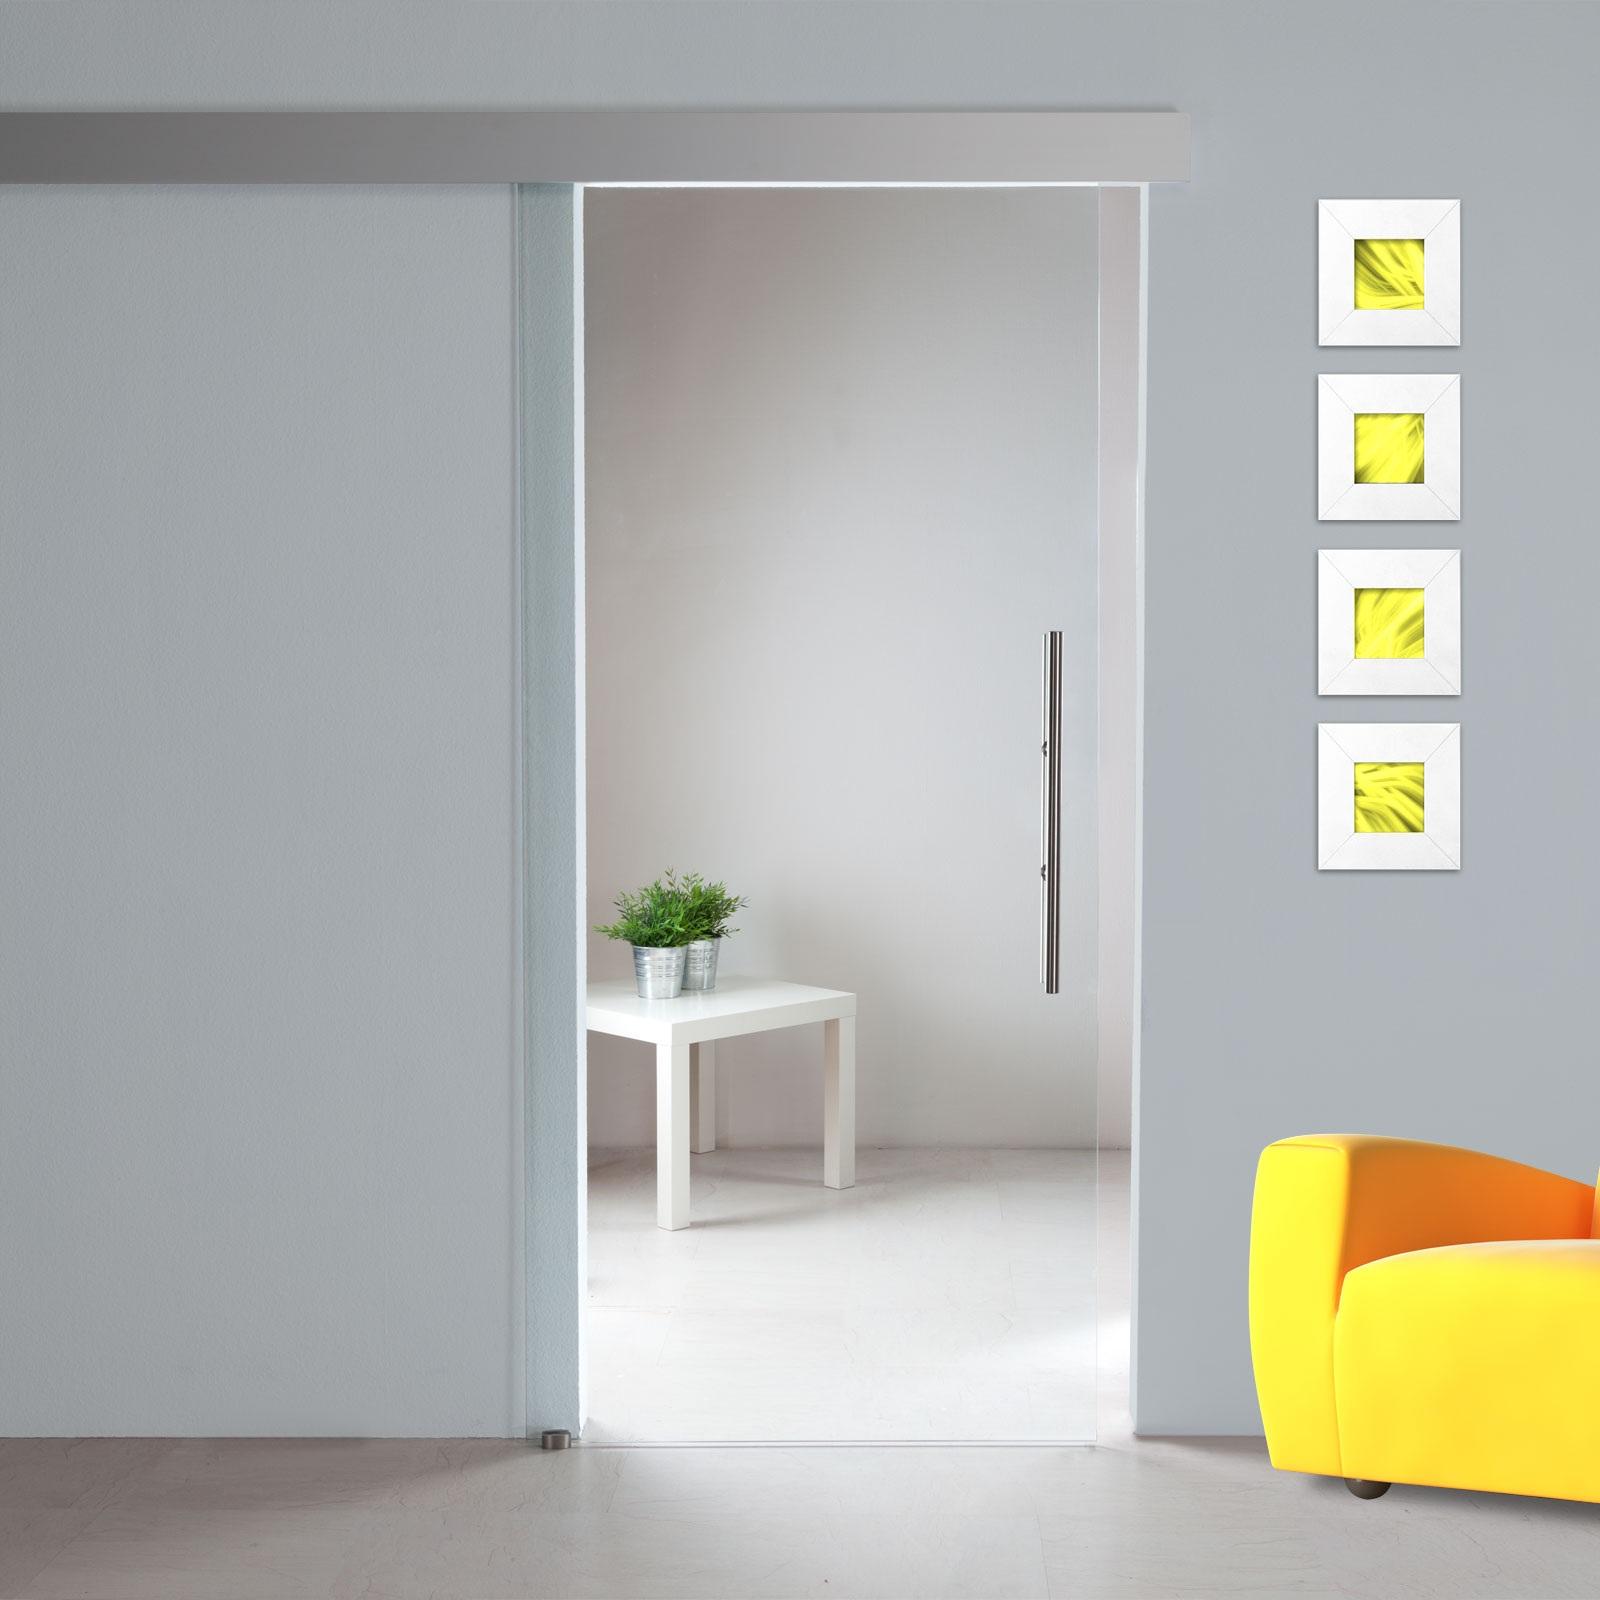 schiebet r klarglas st707 extra hoch 900 x 2180 mm schiebesystem alu60 gs ebay. Black Bedroom Furniture Sets. Home Design Ideas